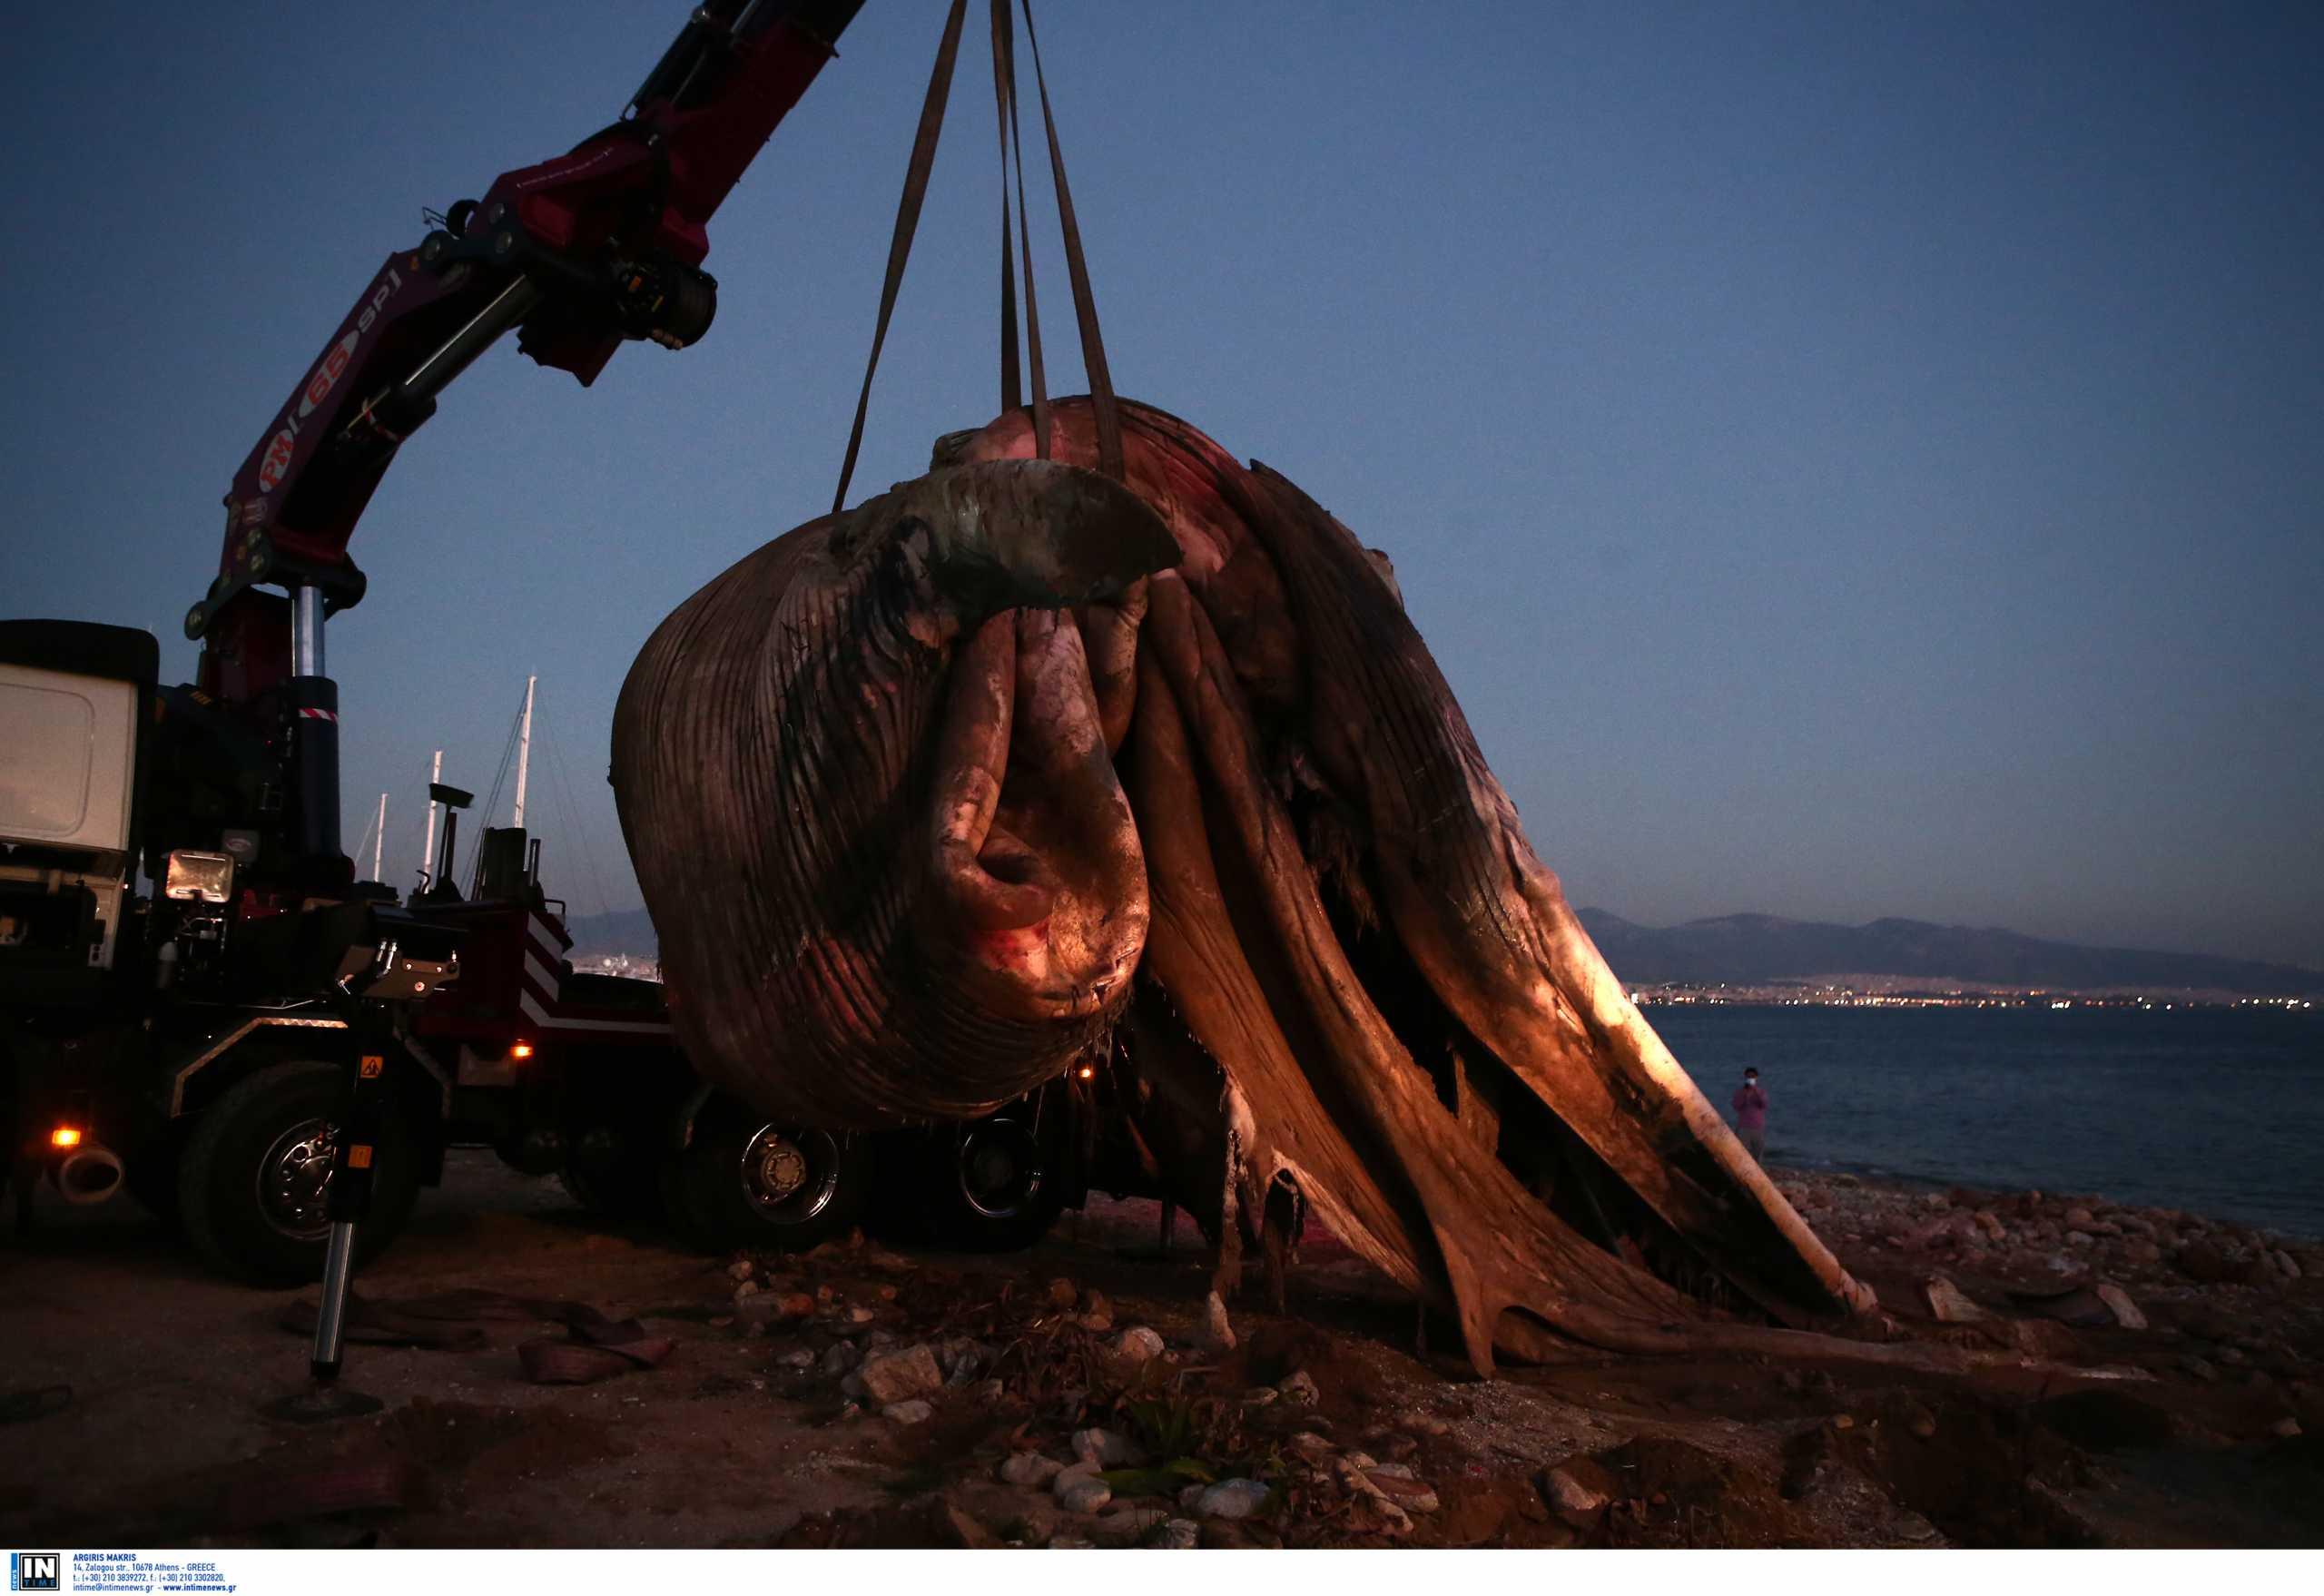 Τι προβλέπεται να γίνει με τη φάλαινα που βρέθηκε στον Πειραιά (pics)